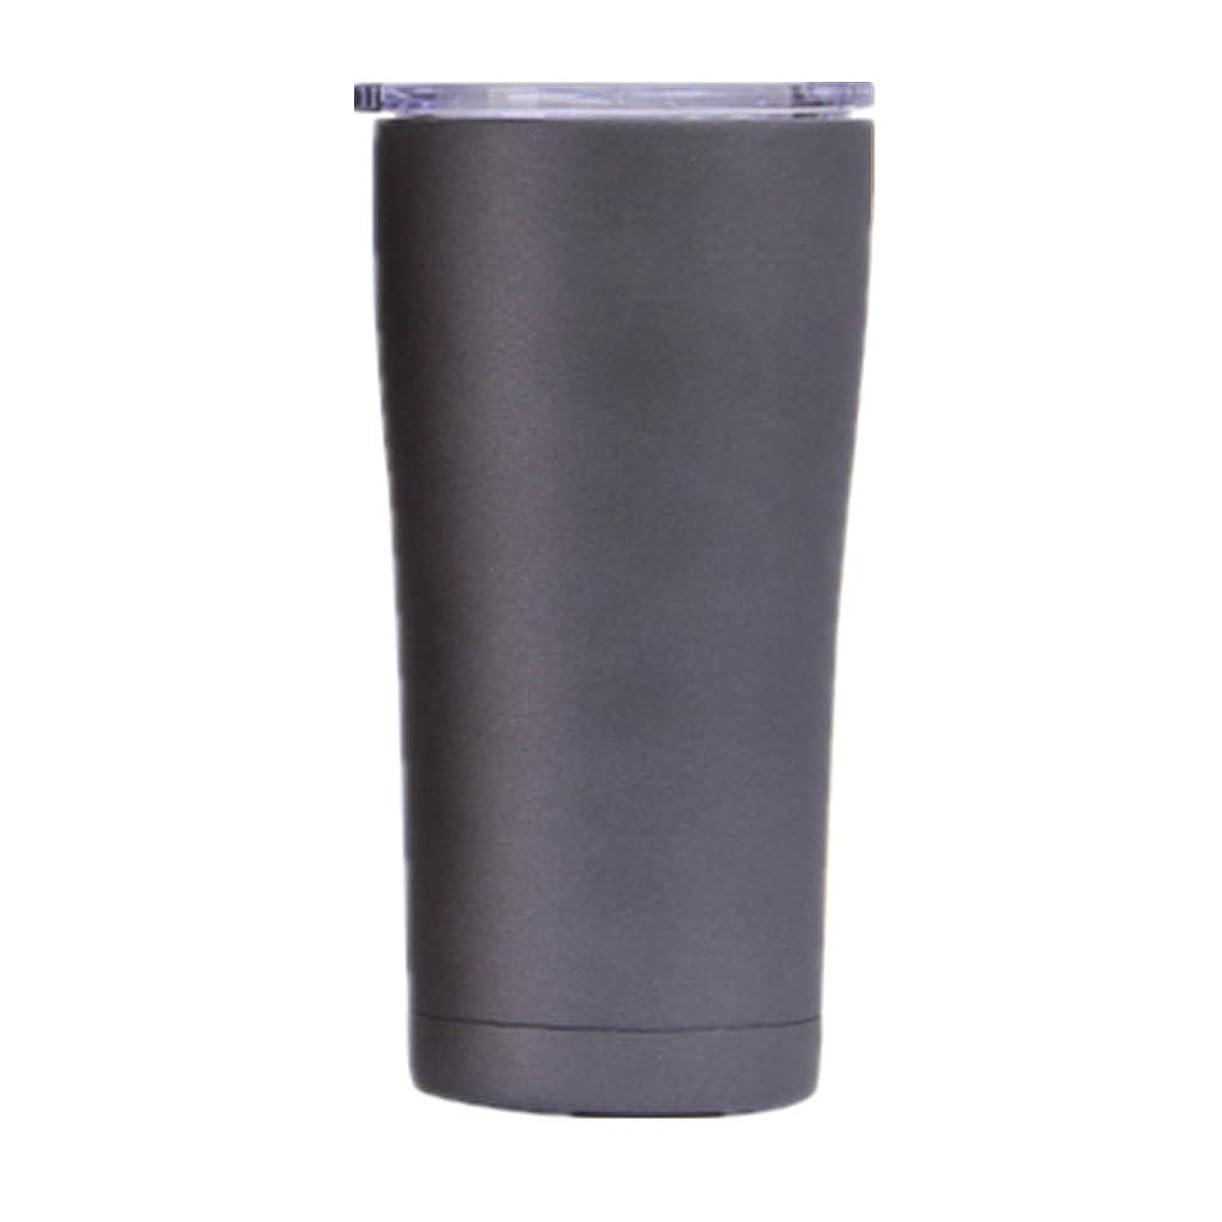 狂信者以前はピンチ真空断熱 タンブラー ふた おしゃれ ステンレス保温 コーヒー カップ ペア 560ml 2色セット ペアセット